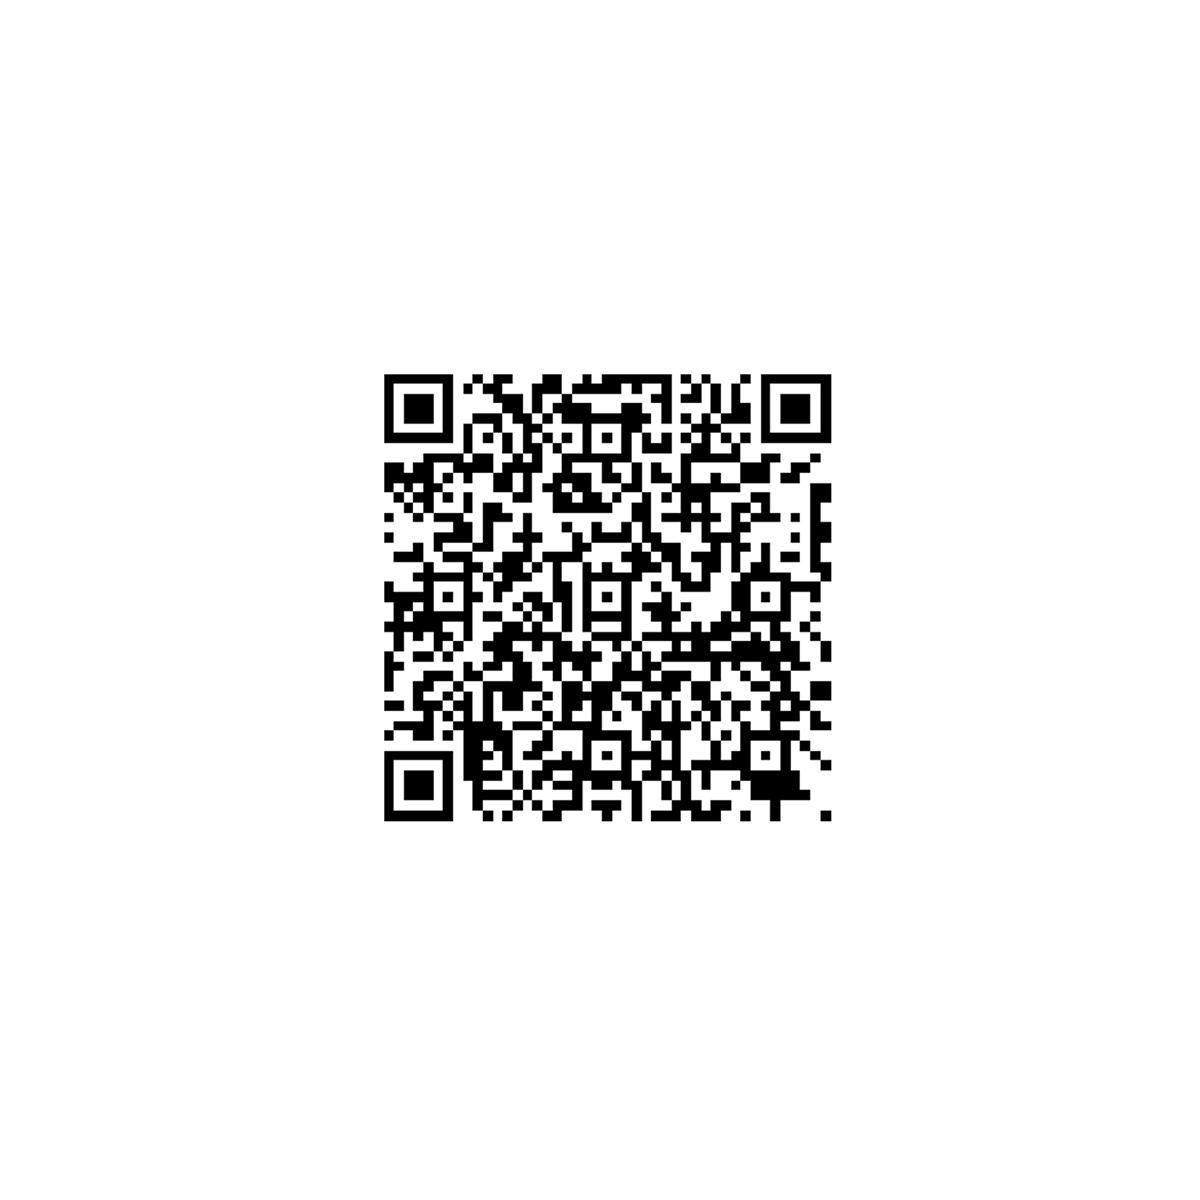 websms - Testen Sie unseren regelbasierten Chatbot über den abgebildeten QR-Code